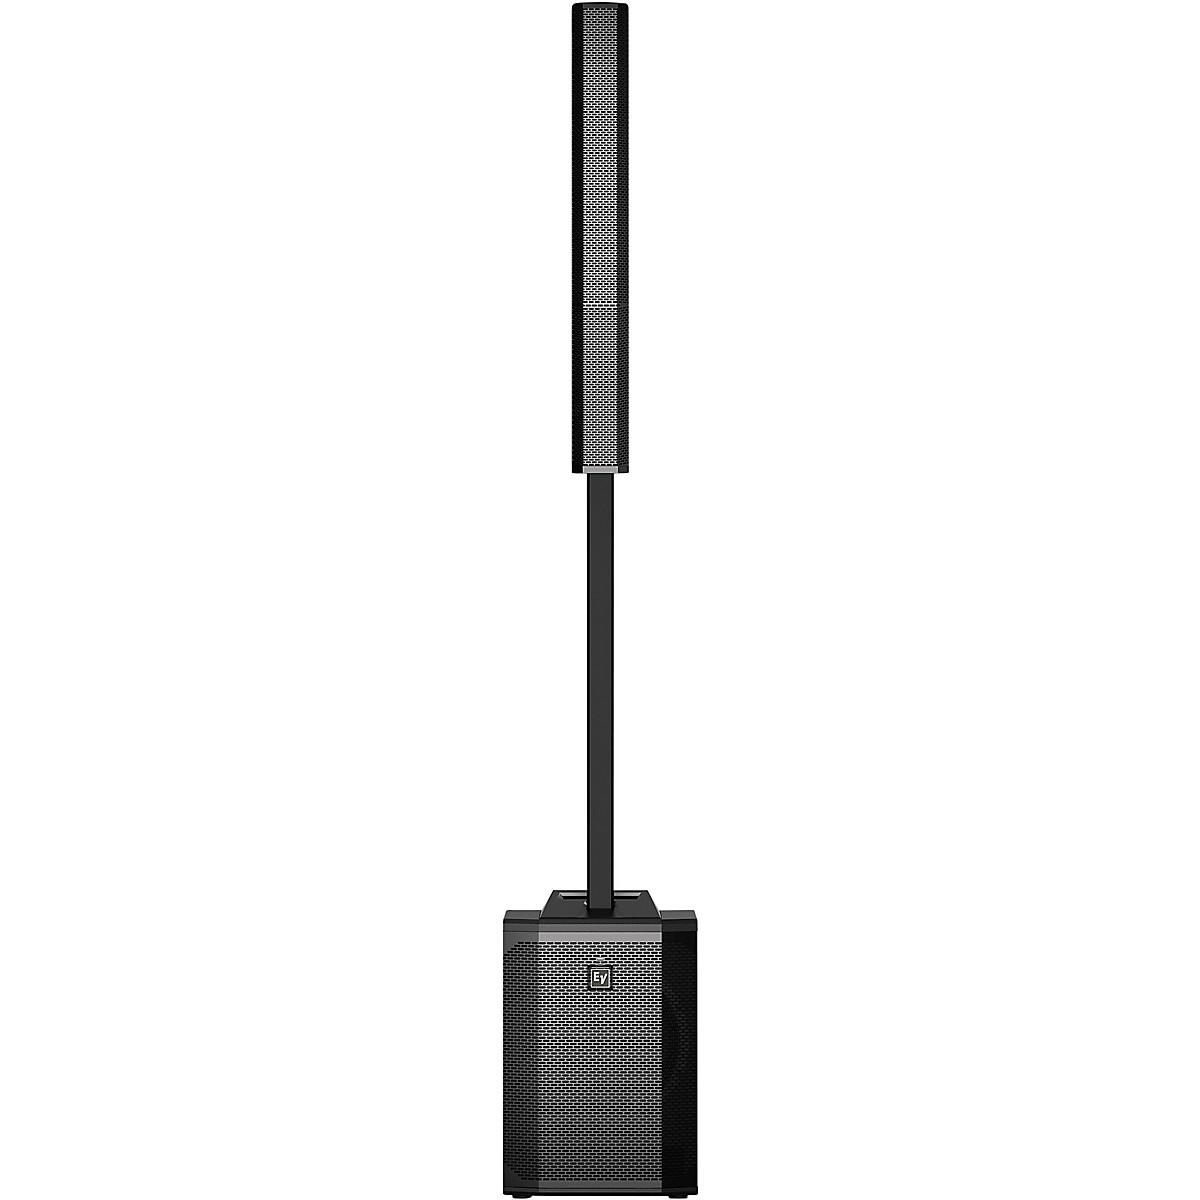 Electro-Voice Evolve 50 Portable Linear Column Array PA System